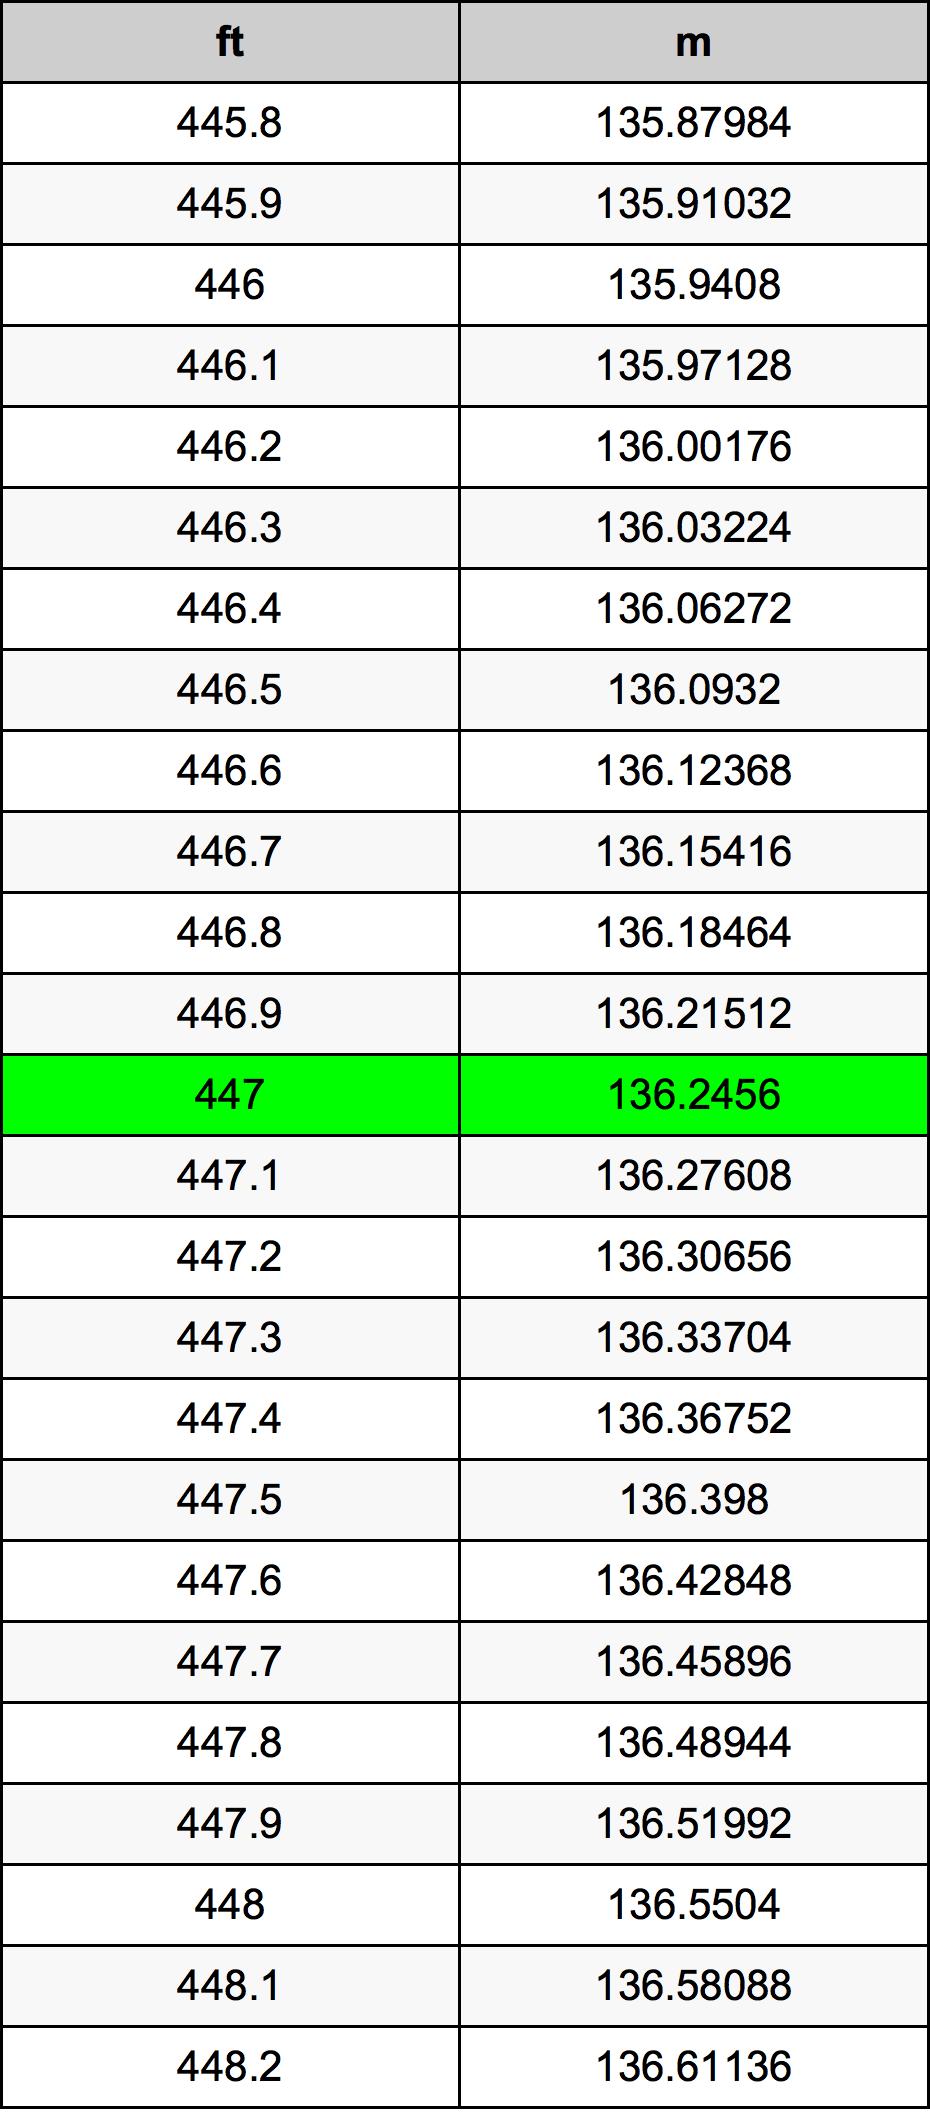 447 Voeten Naar Meters Eenhedenconverter 447 Ft Naar M